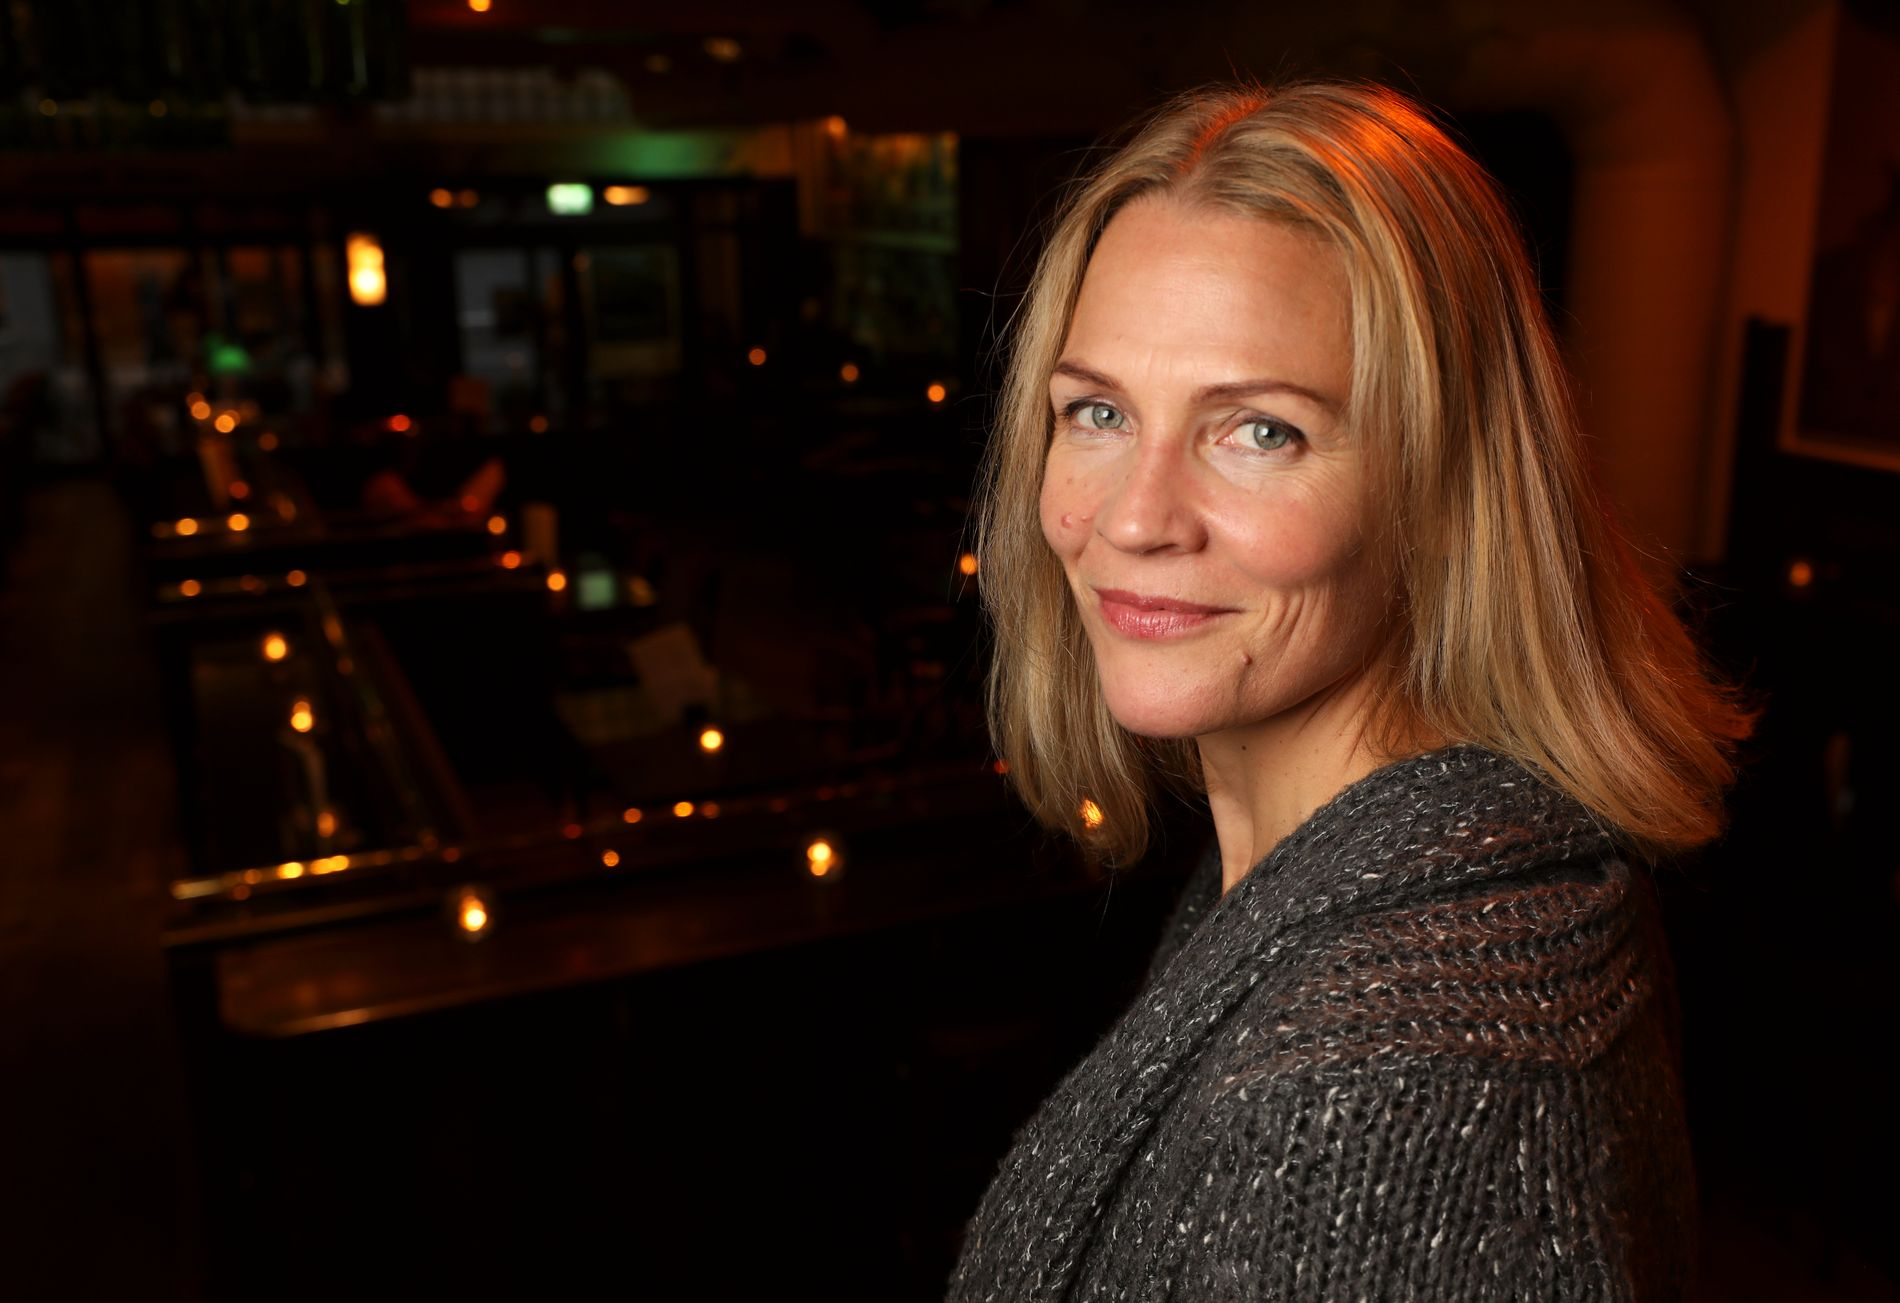 HAR SOLGT: Ifølge megler er Åsne Seierstad fornøyd med salget. Her er hun avbildet i forbindelse med boklansering i 2016.